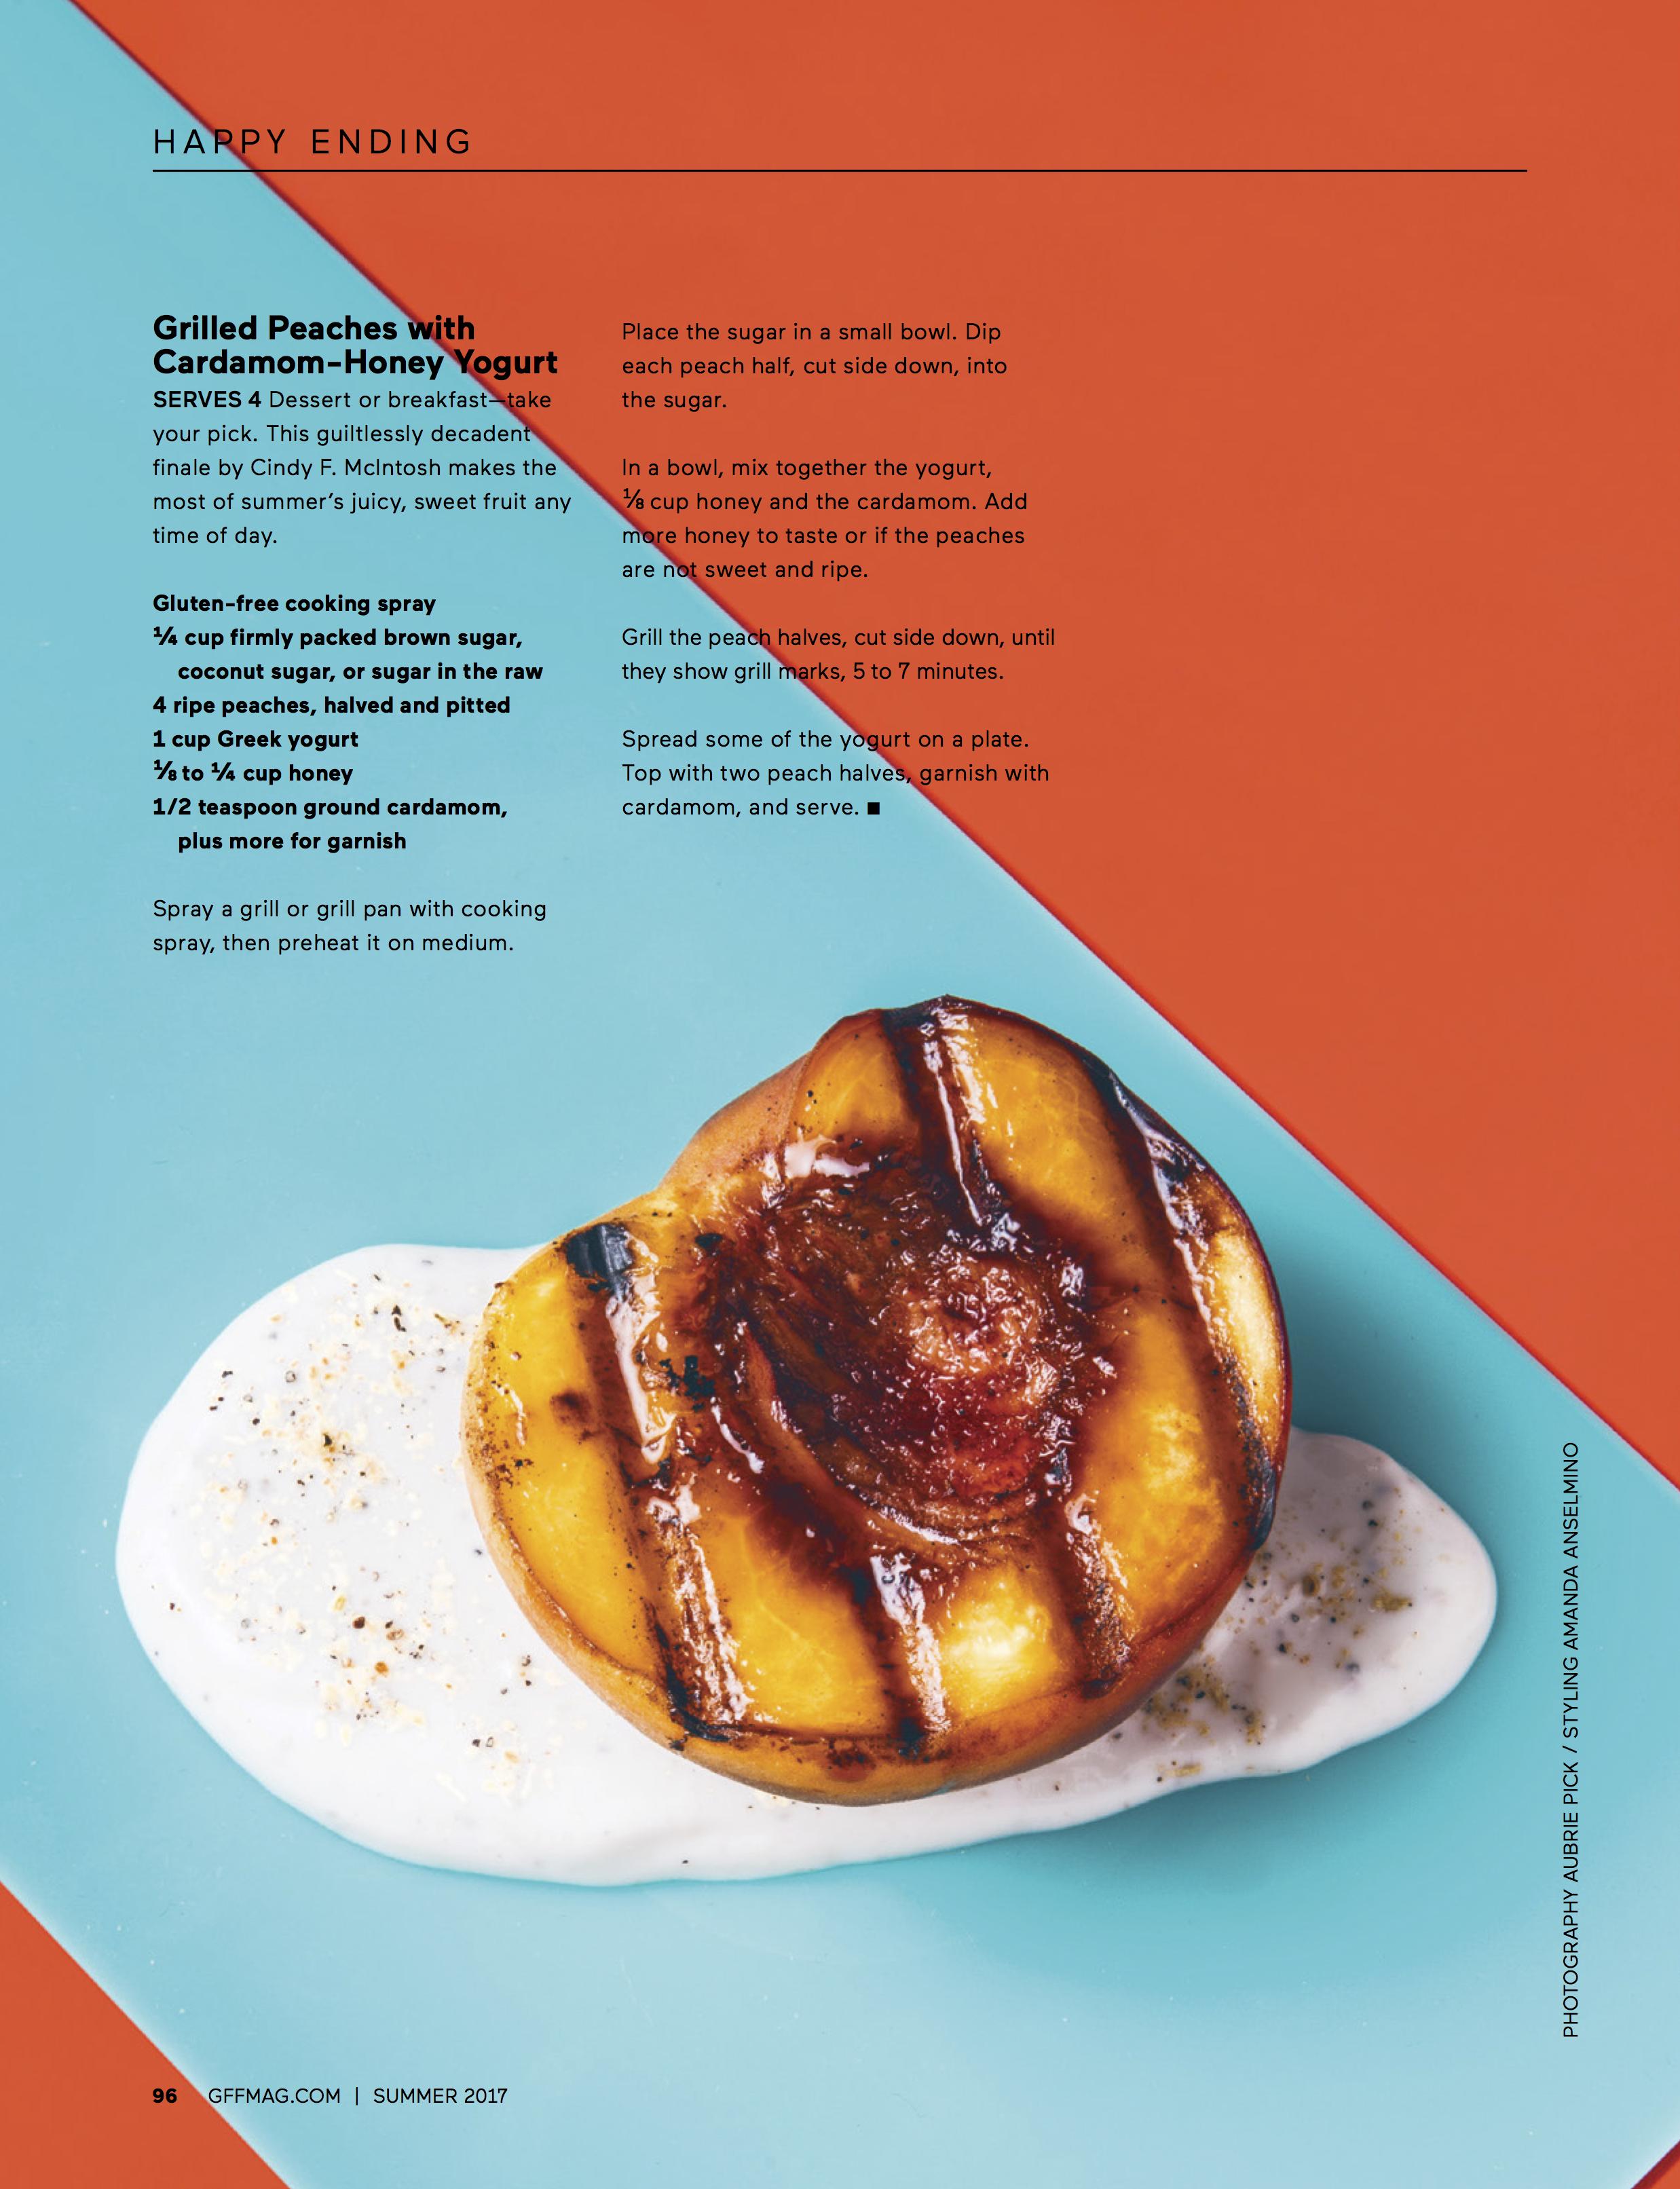 Gluten Free Peach Dessert.jpg